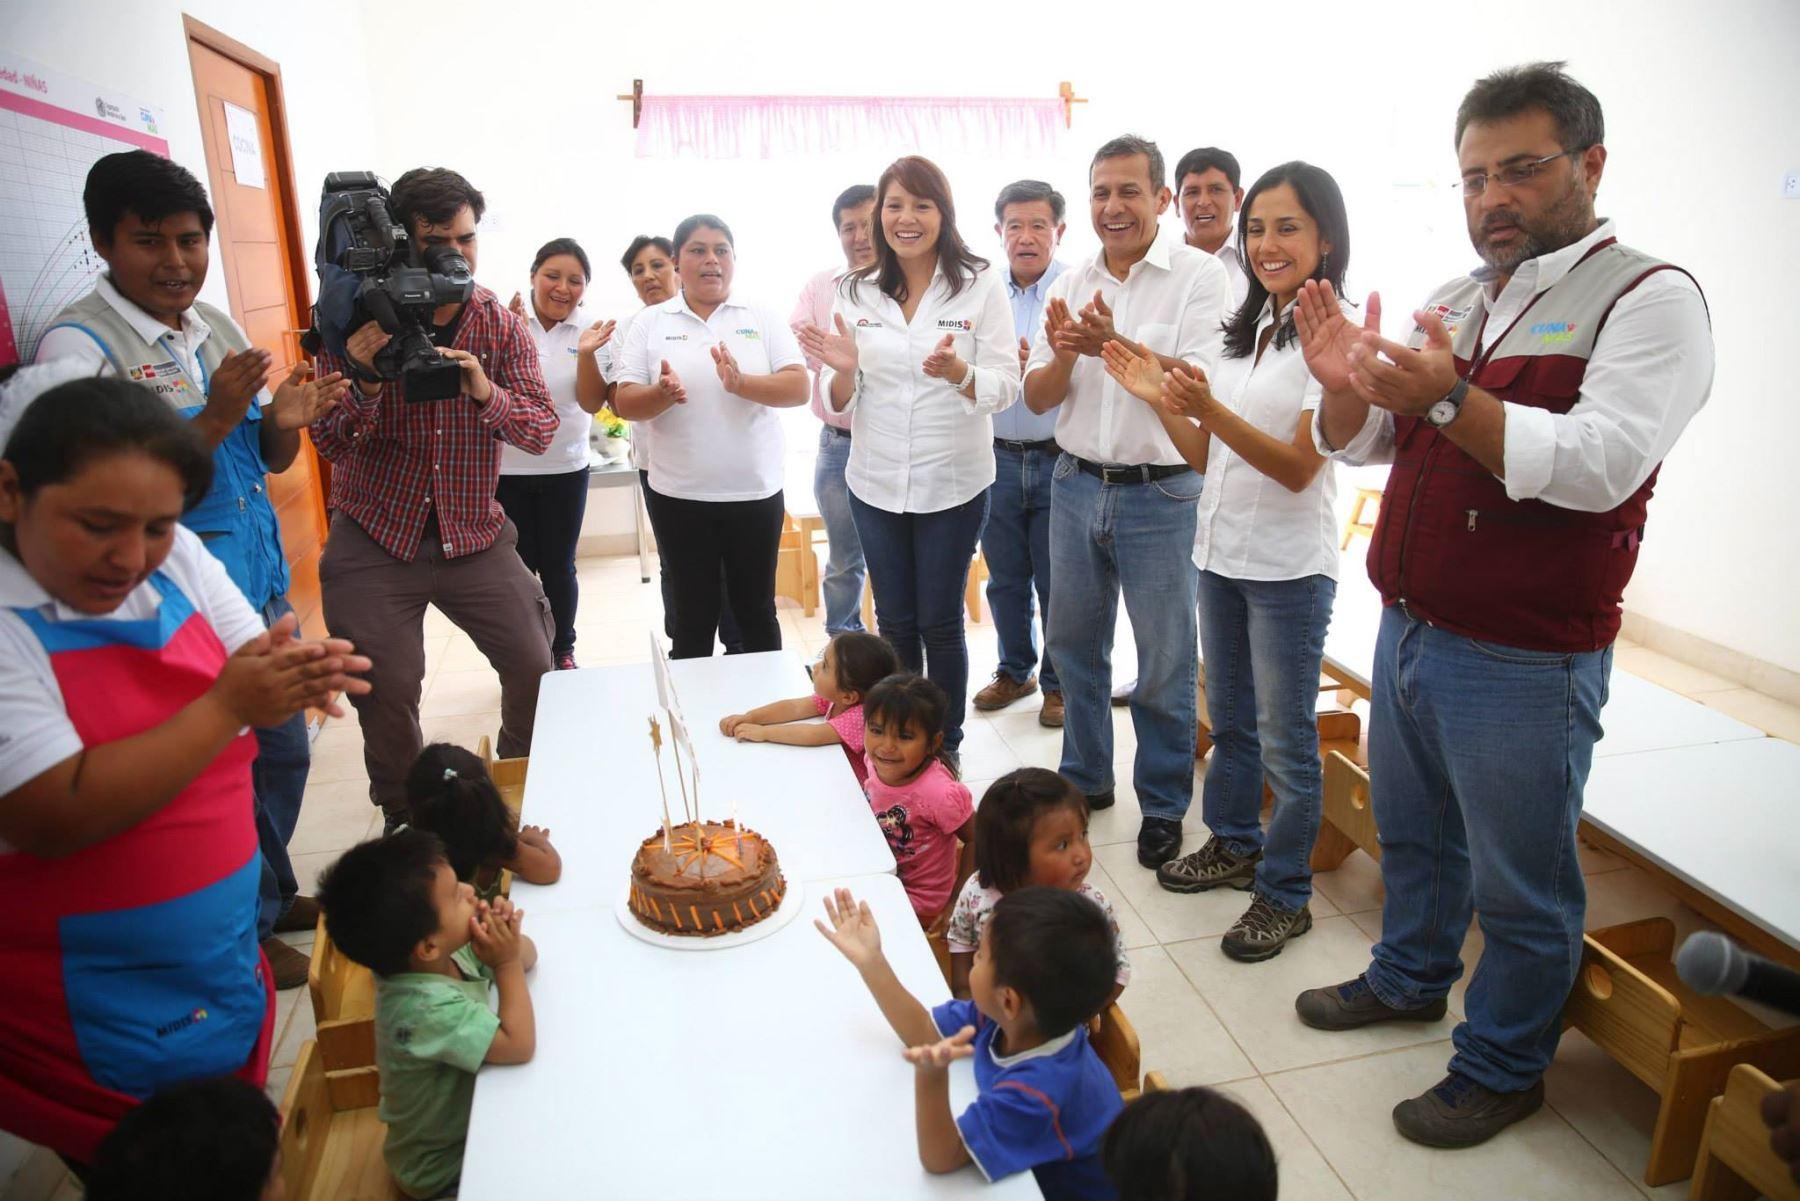 Presidente Humala participó en celebración del tercer aniversario del programa Cuna Más, en centro poblado de Pueblo Nuevo de Conta, distrito de Nuevo Imperial, provincia de Cañete, en Lima.